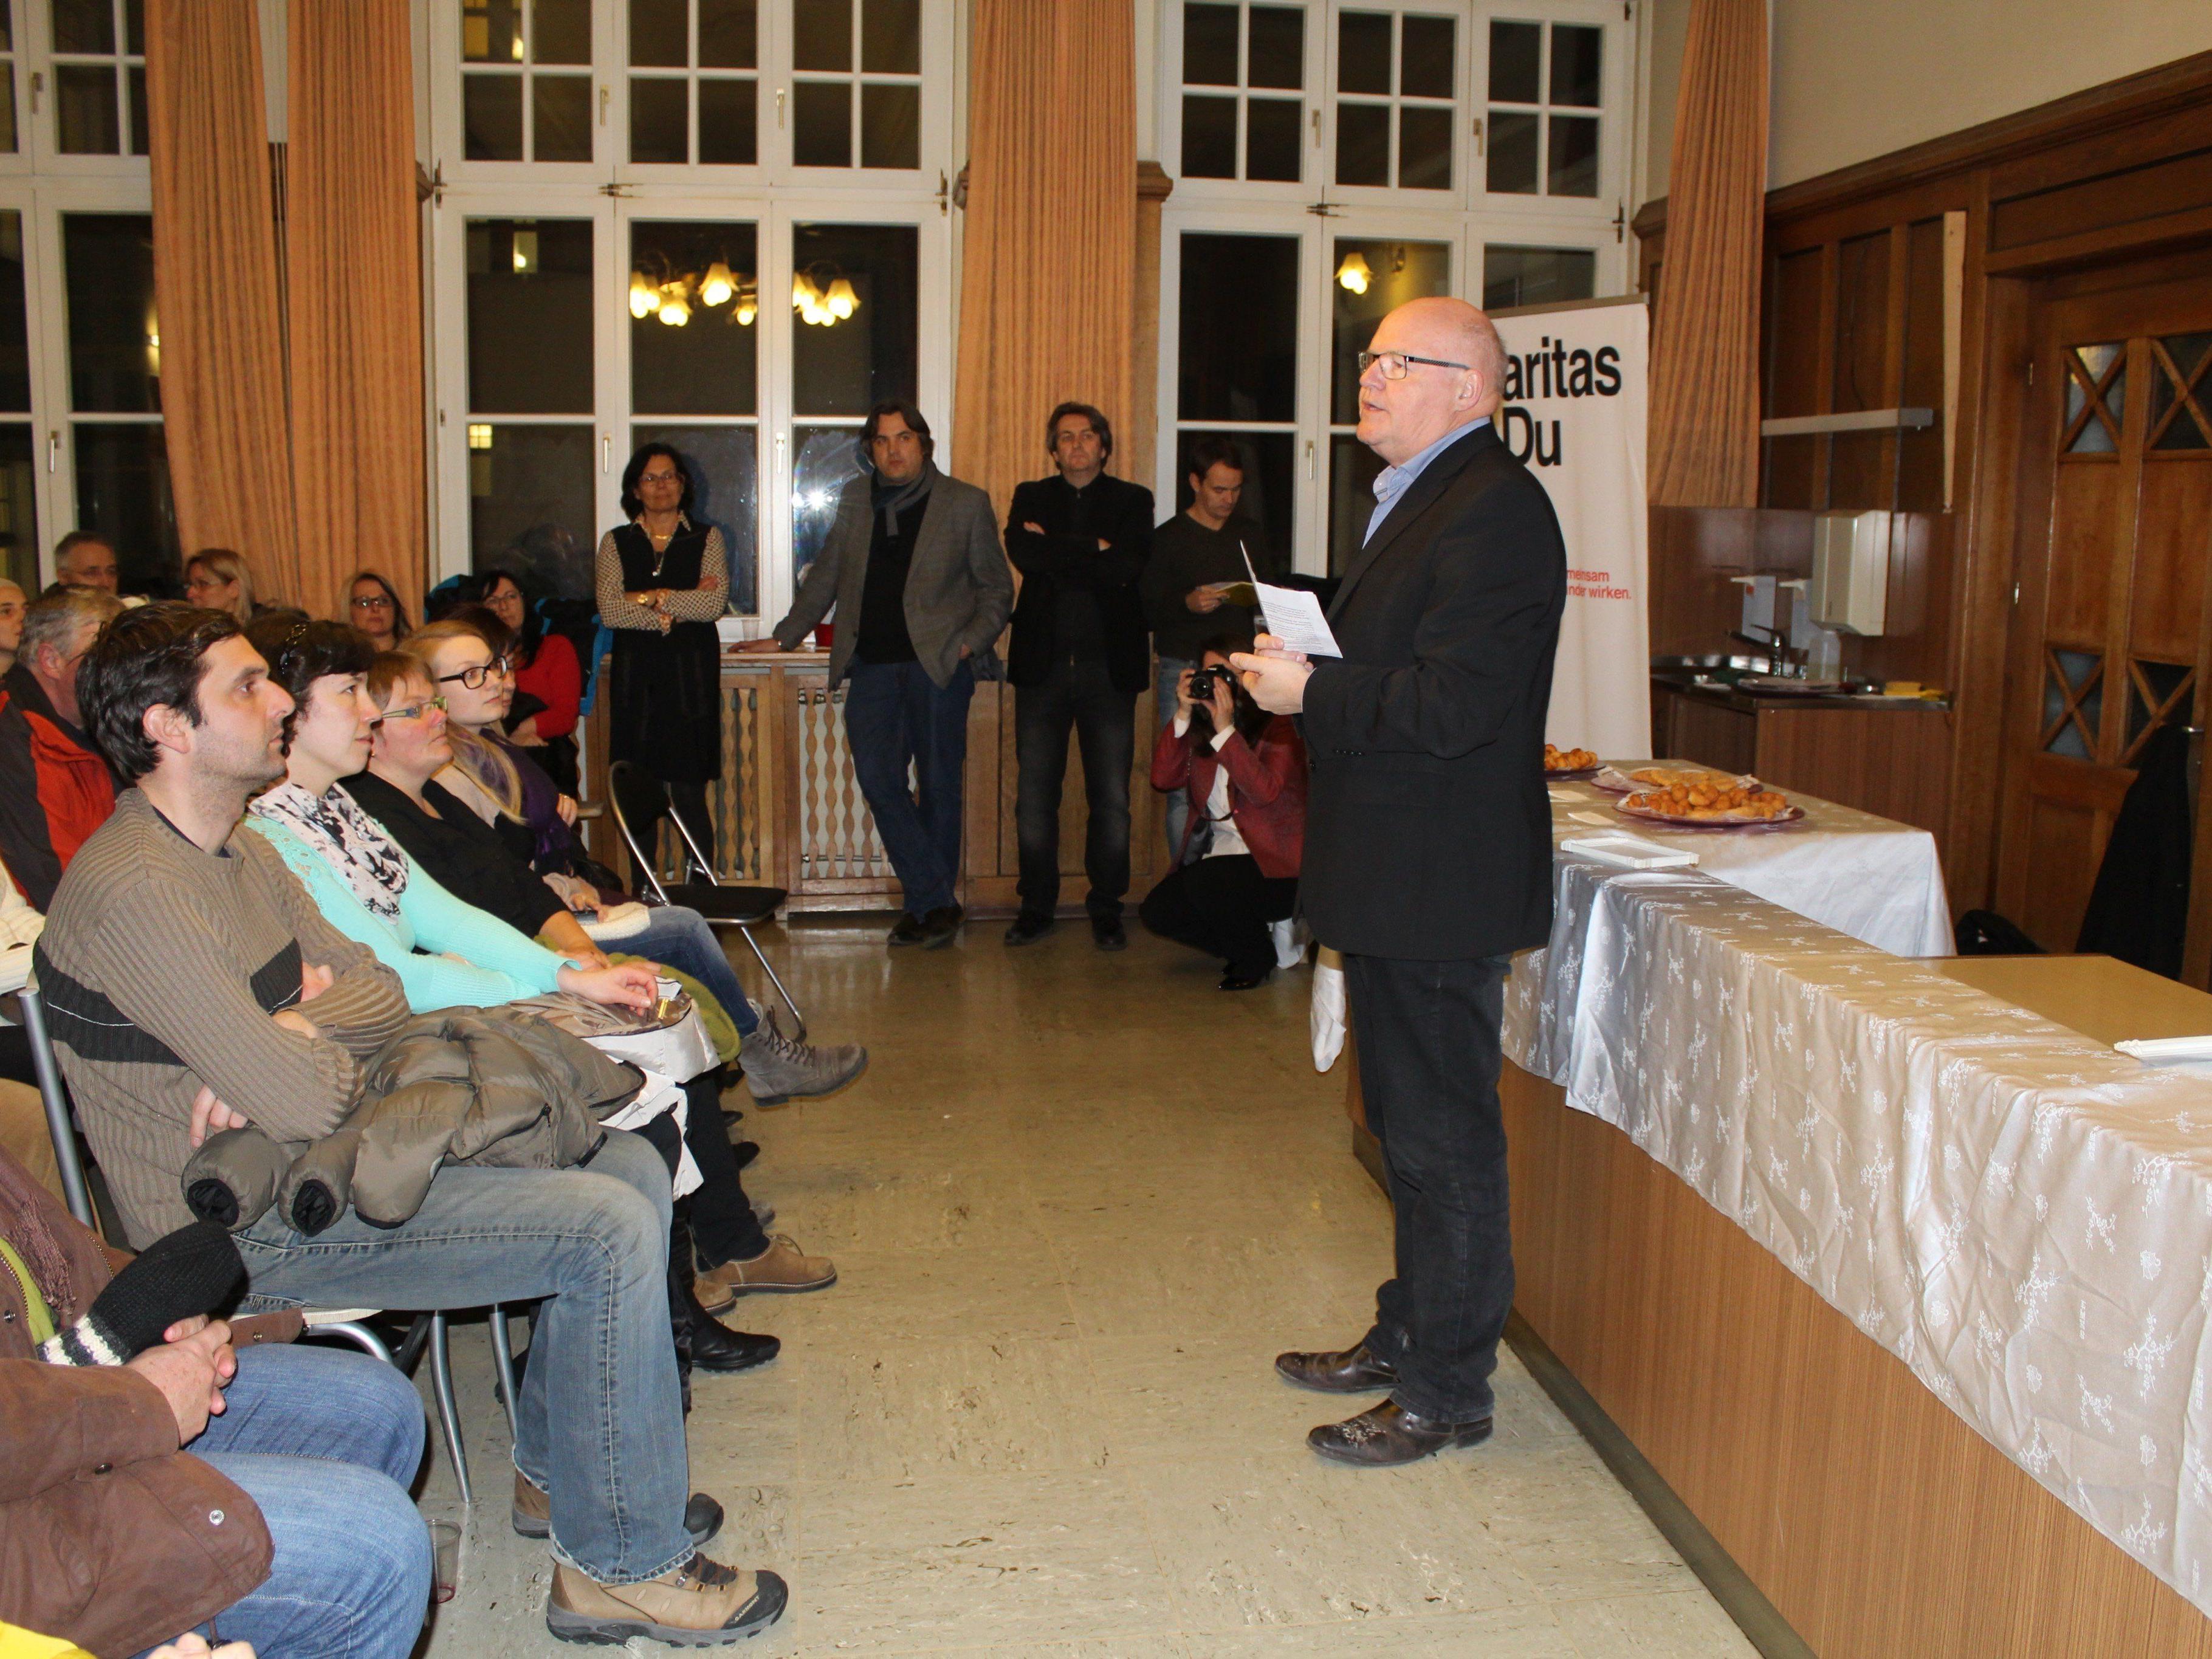 Caritasdirektor Peter Klinger informierte zur Flüchtlingslage.